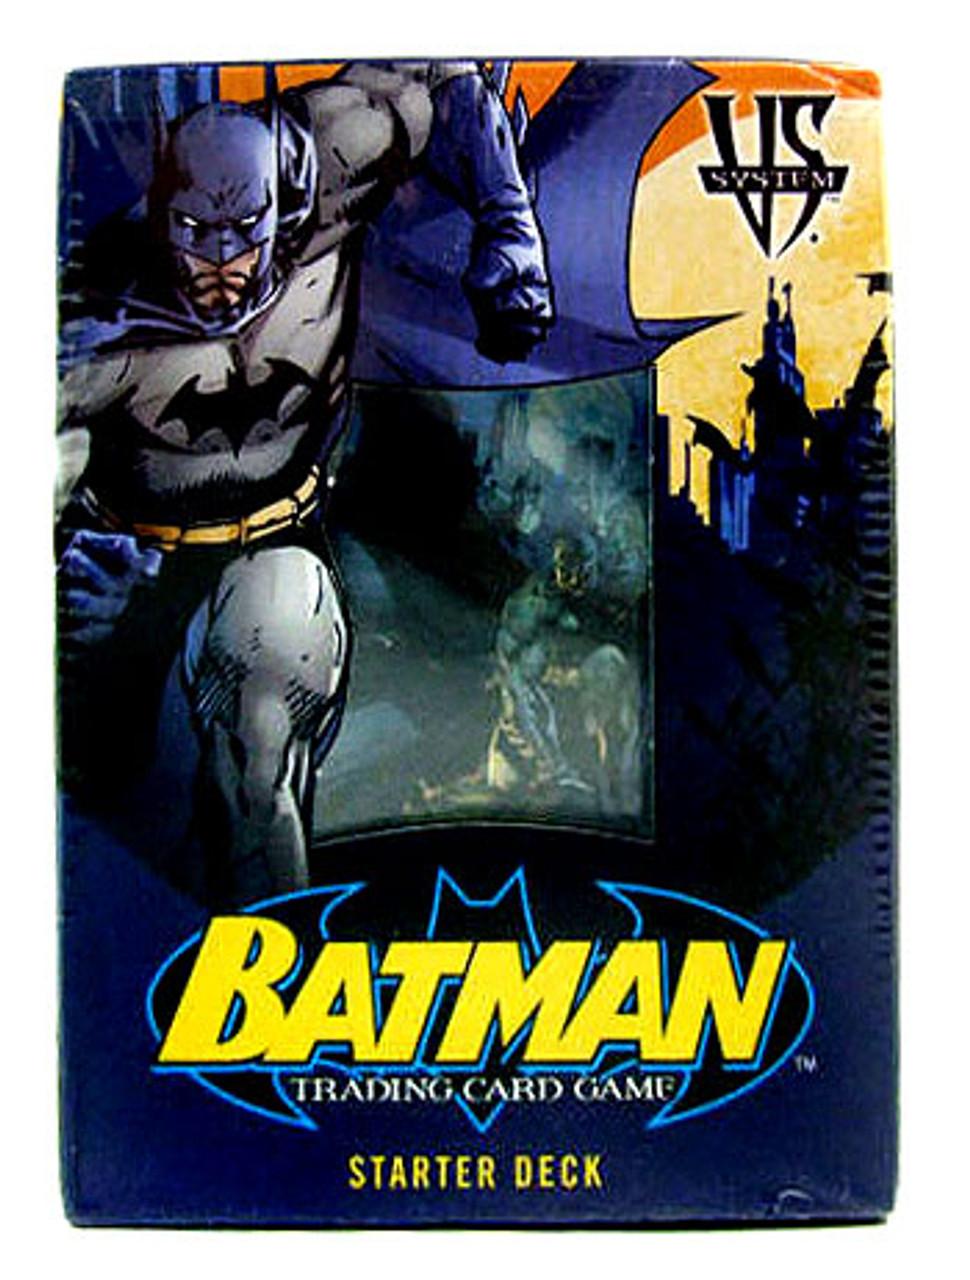 DC VS System Trading Card Game Batman Starter Deck [Sealed]